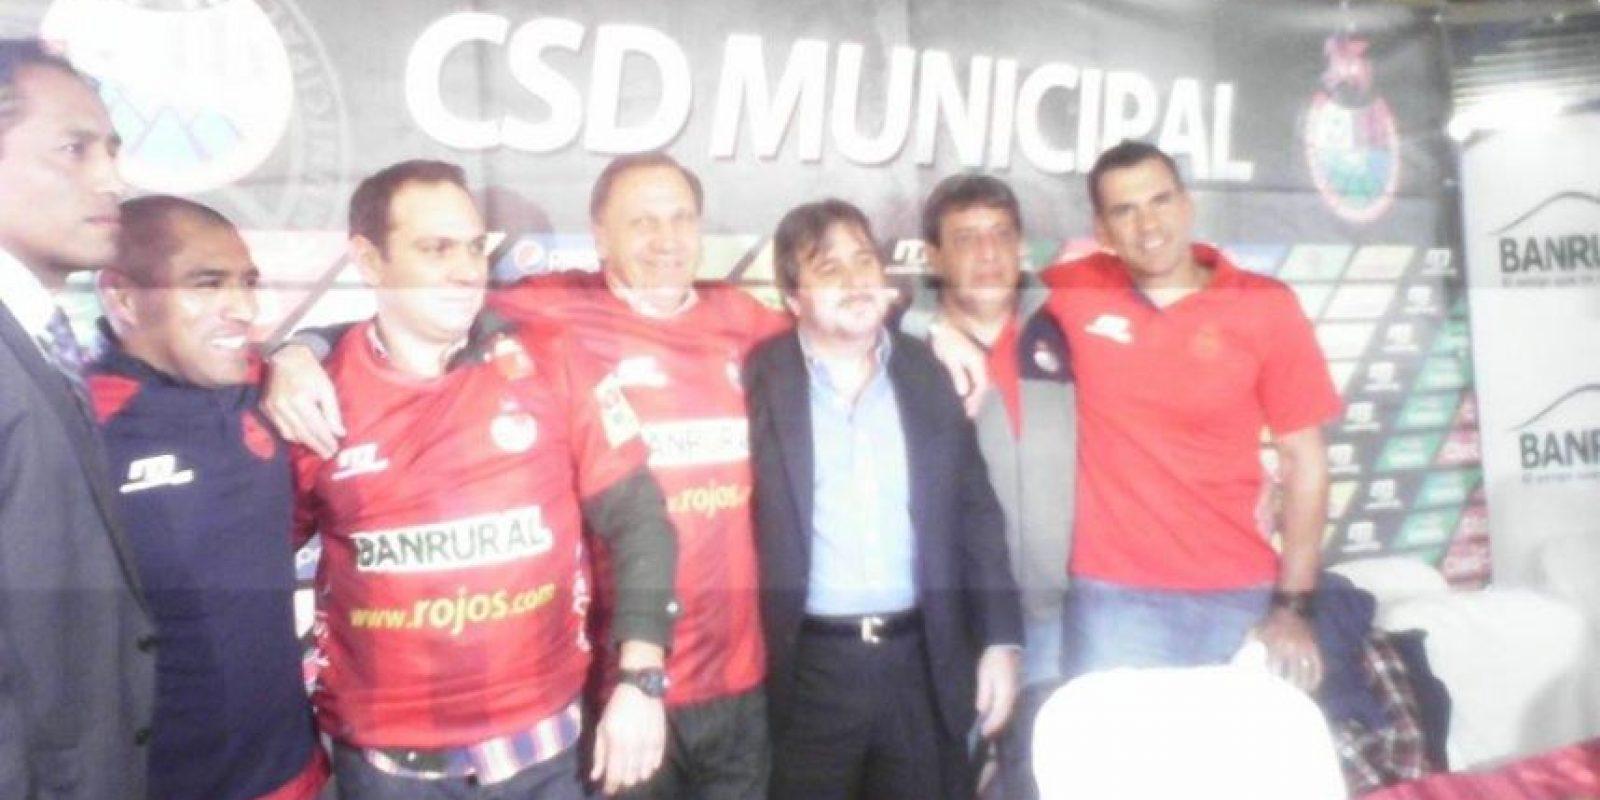 Reina Damián Foto:Acompañado por su cuerpo técnico y la directiva de Municipal, Enzo Trossero volvió al cargo que ocupó entre 2004 y 2007.